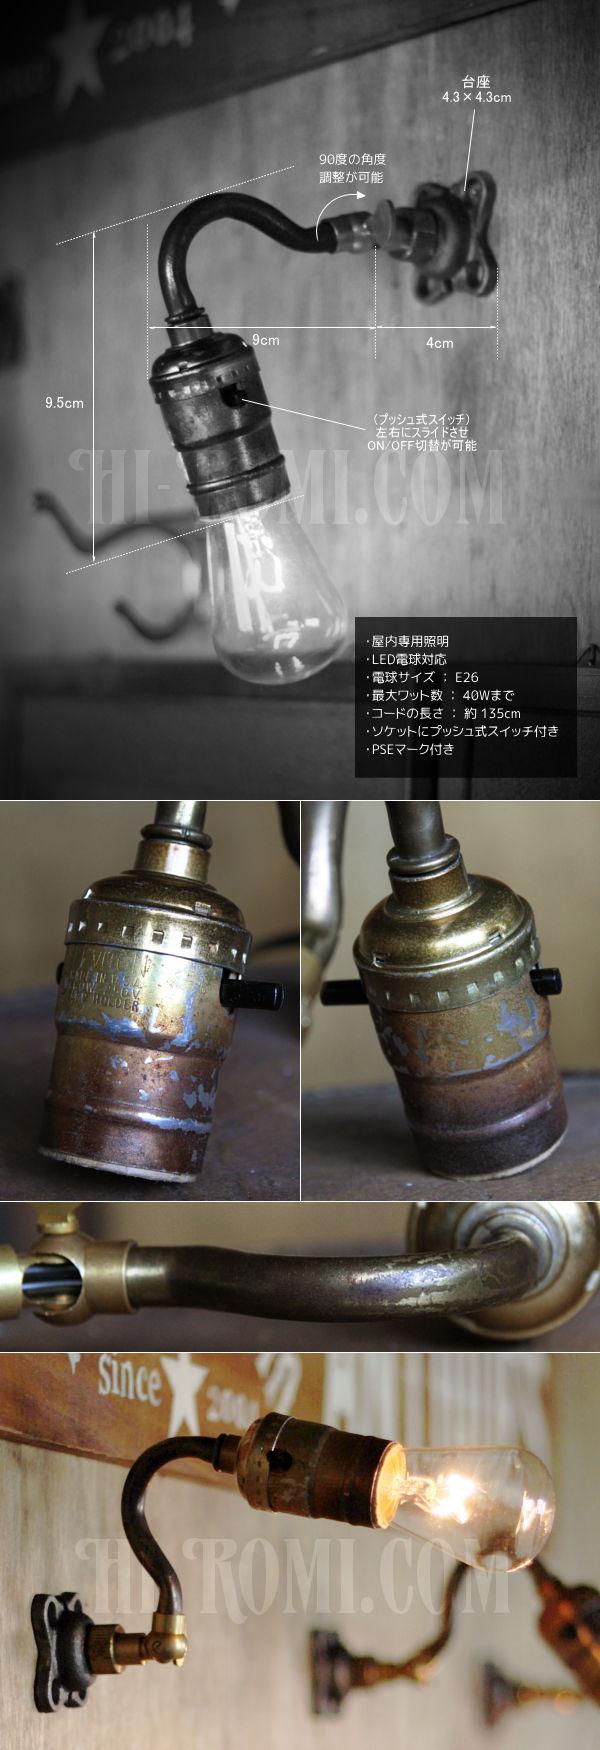 USAヴィンテージLEVITON社製プッシュソケット&ミニ角度調整付きブラケット/アンティーク工業系照明壁掛ランプ